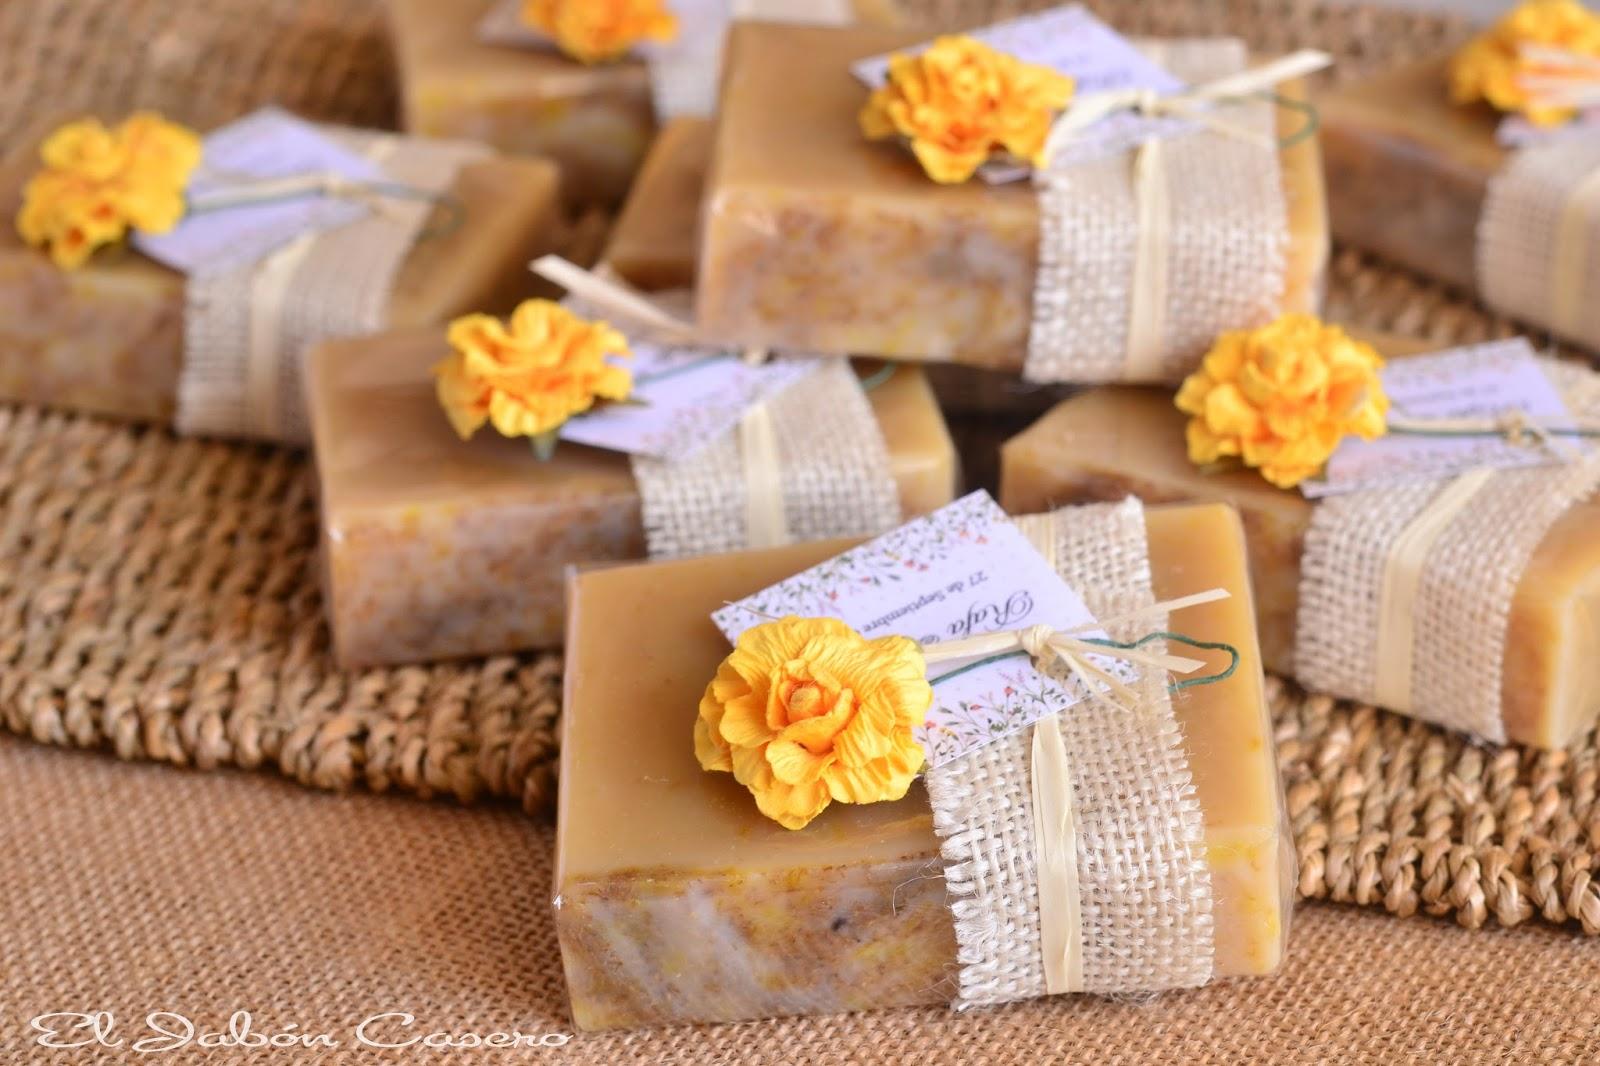 jabones de camomila para regalar a invitados bodas